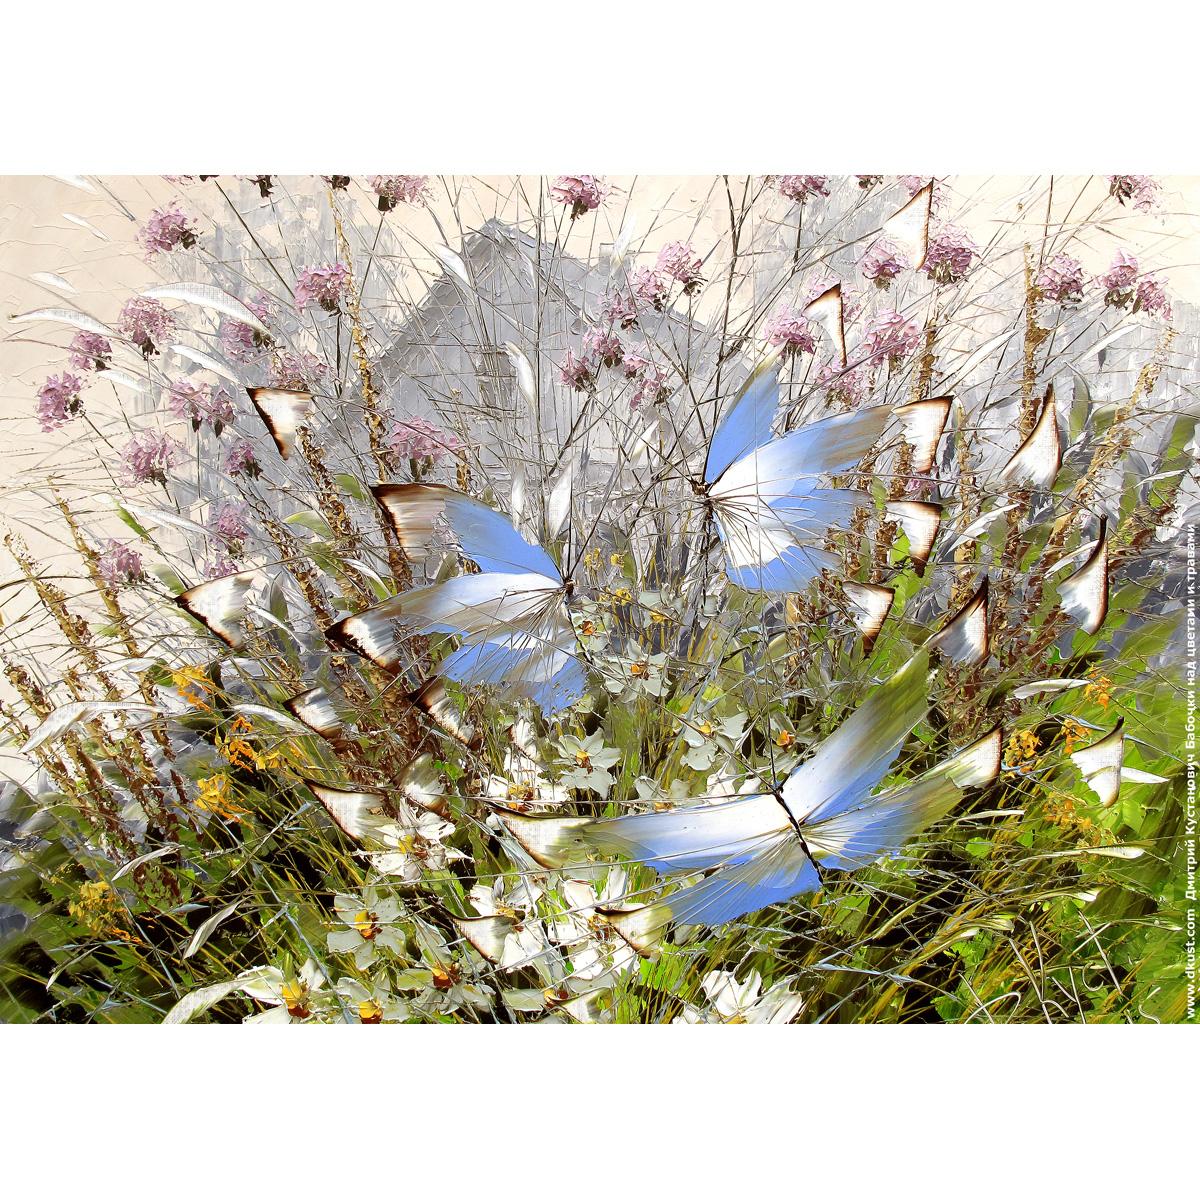 Репродукция по картине Дмитрия Кустановича «Бабочки над цветами и травами»